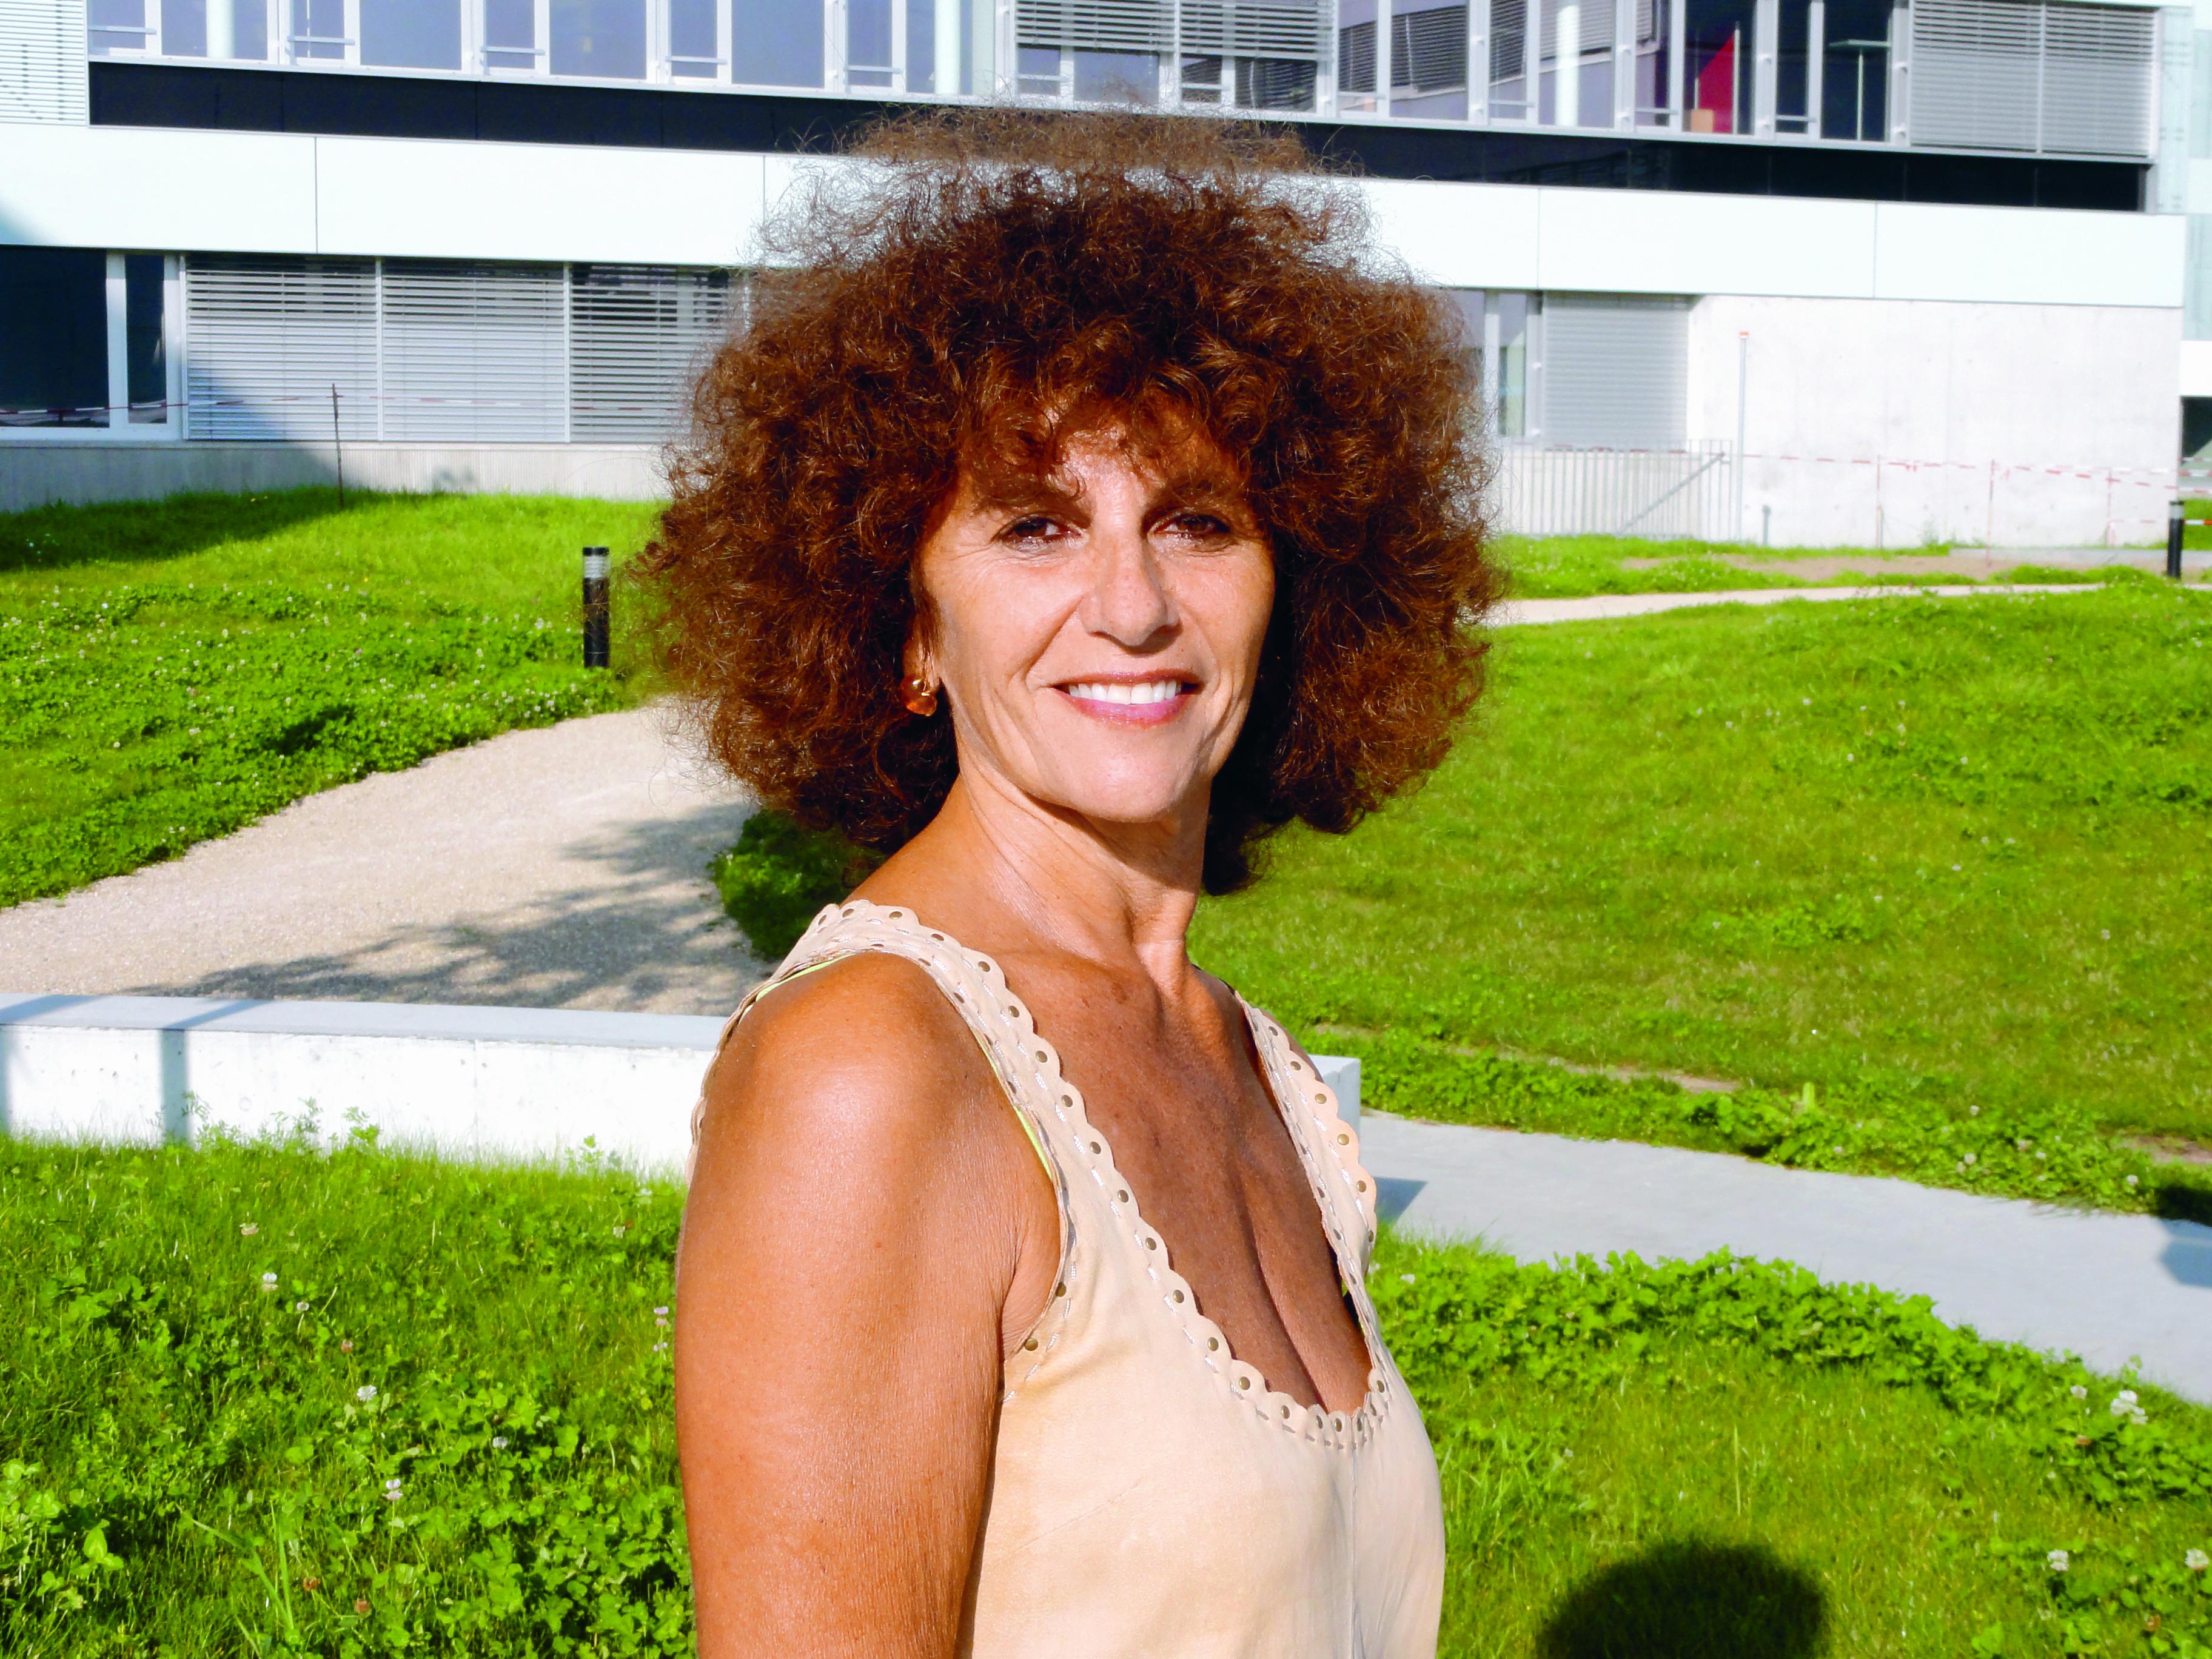 Nadine Reichenthal : «Les quotas obligent les décideurs à regarder plus loin que leur carnet d'adresses habituel»